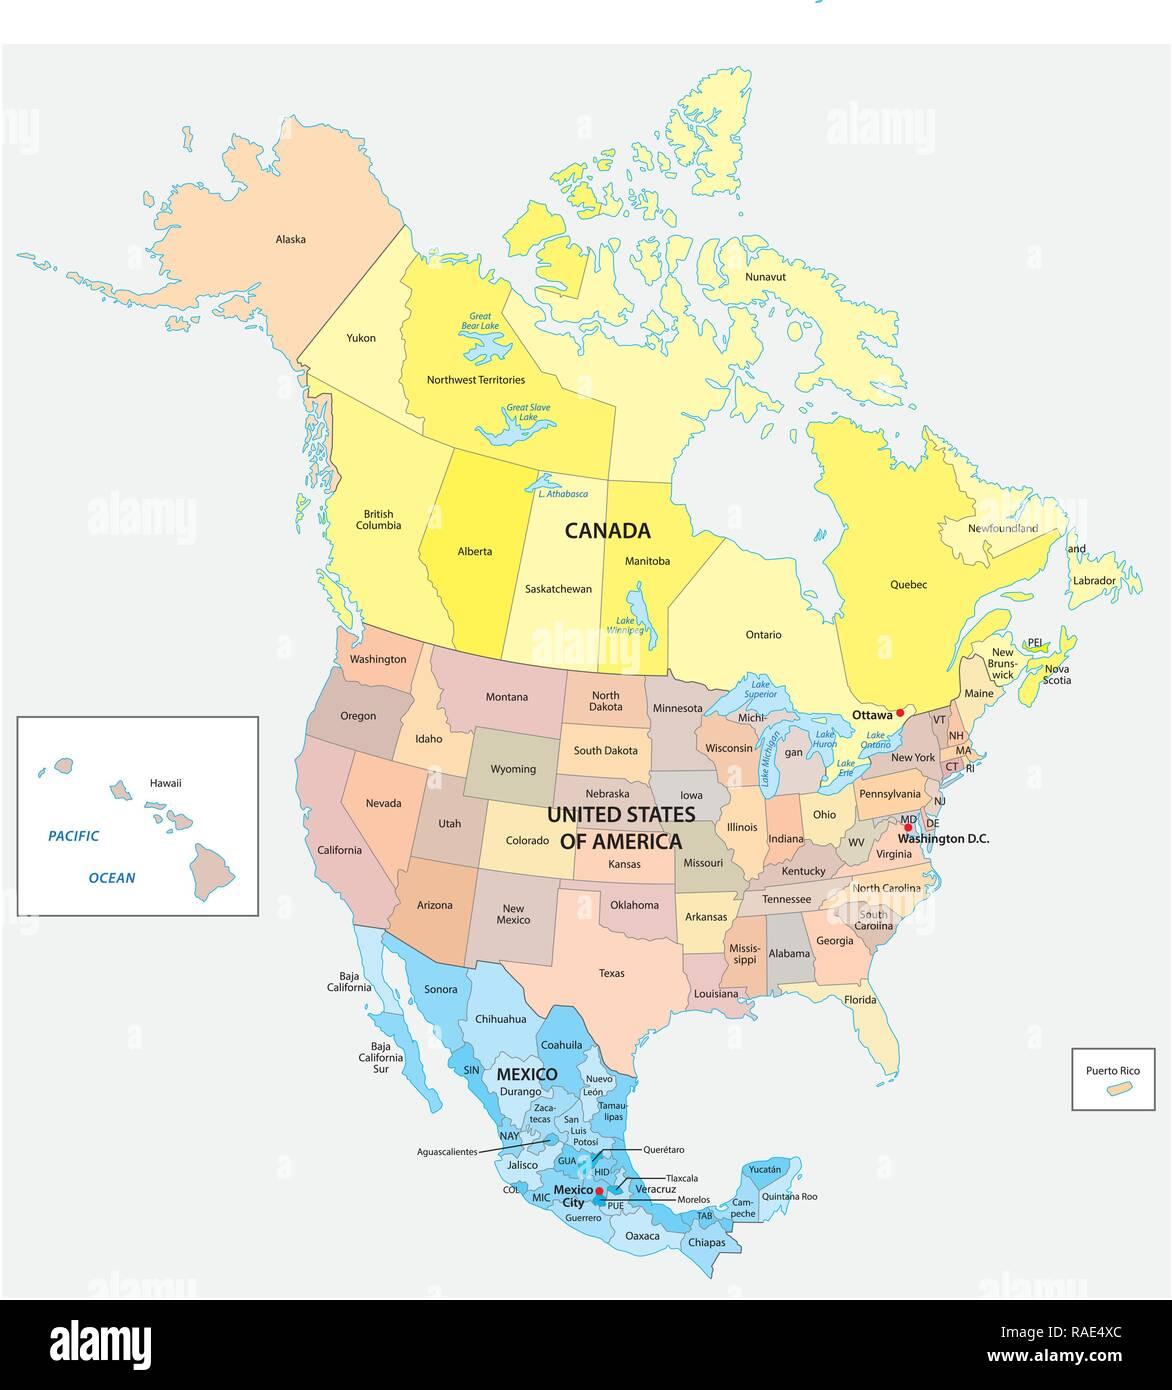 Mapa de vectores política y administrativa de los tres Estados de América del Norte, México, Canadá y los Estados Unidos de América Imagen De Stock